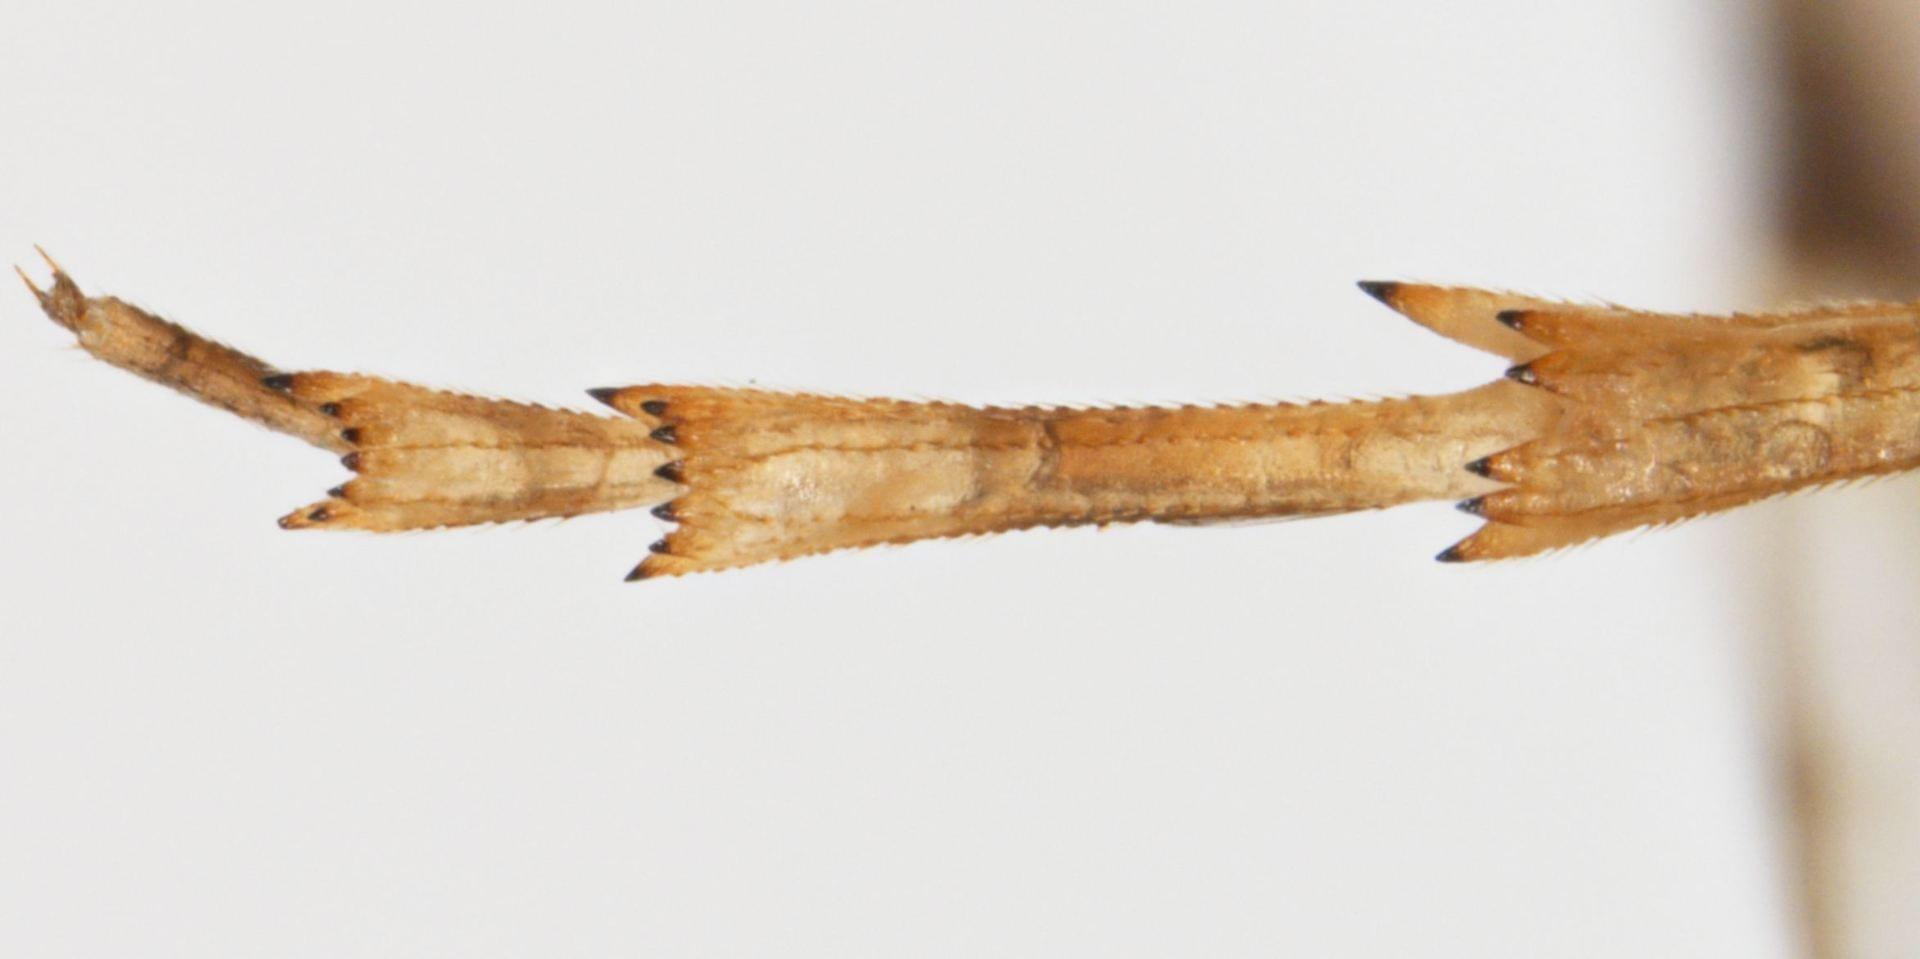 Melanoliarus placitus tarsus